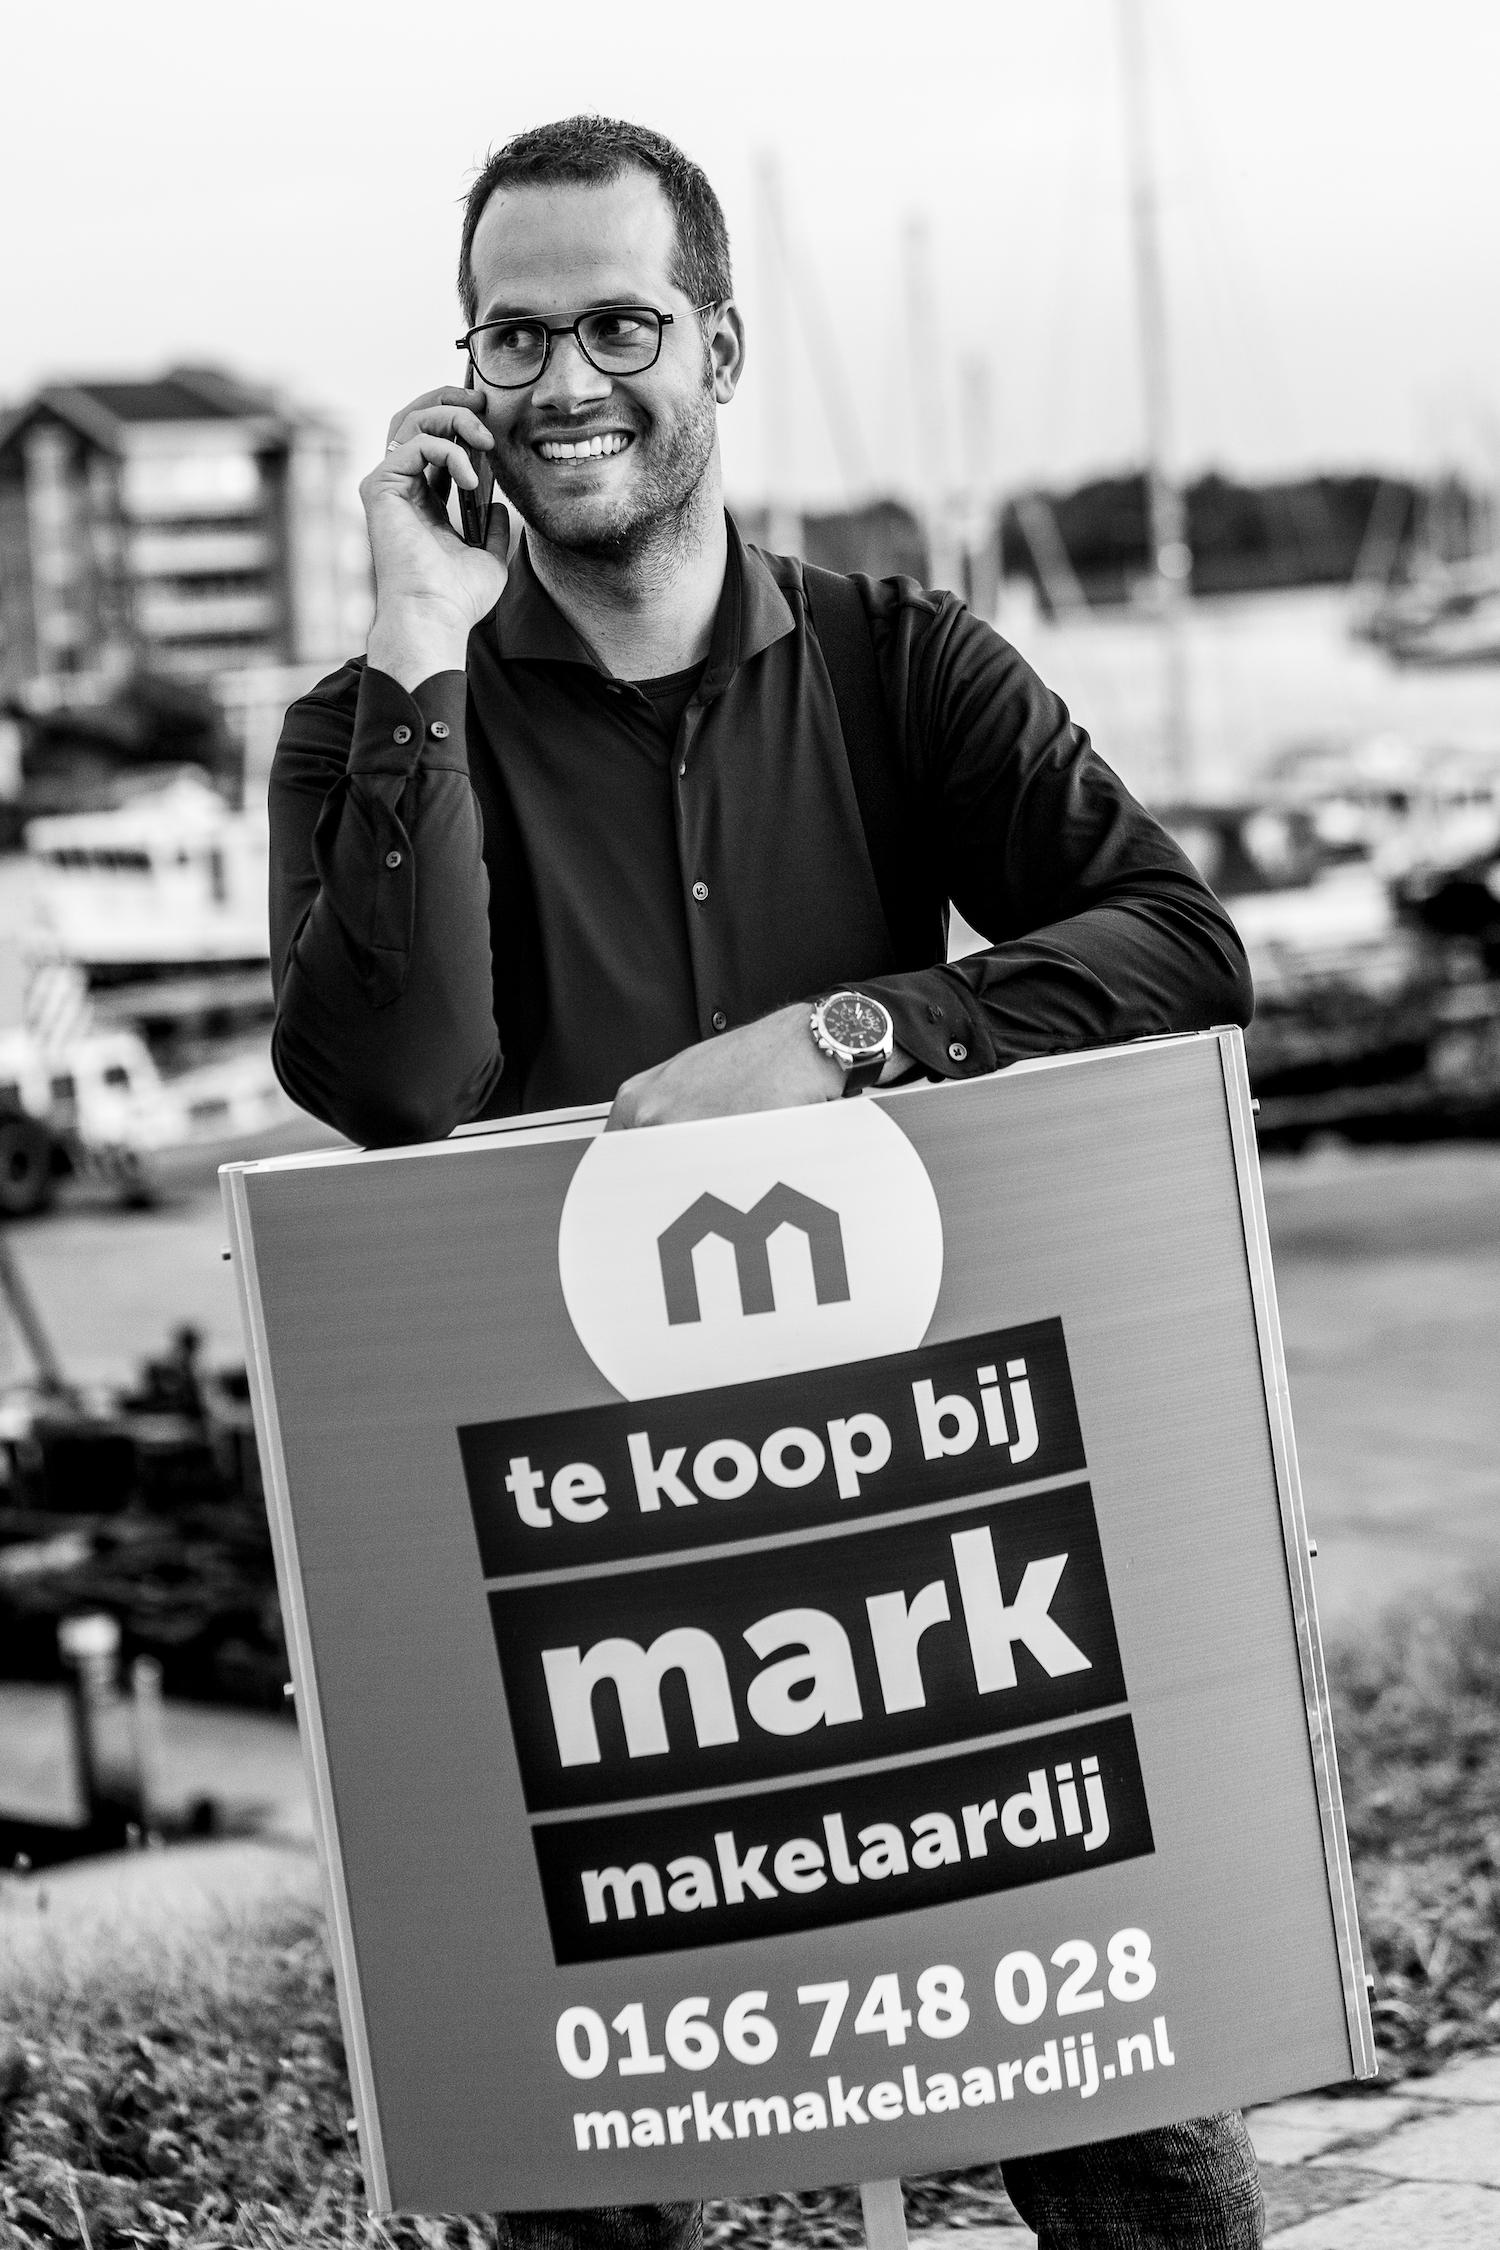 De voordelen van Mark Makelaardij